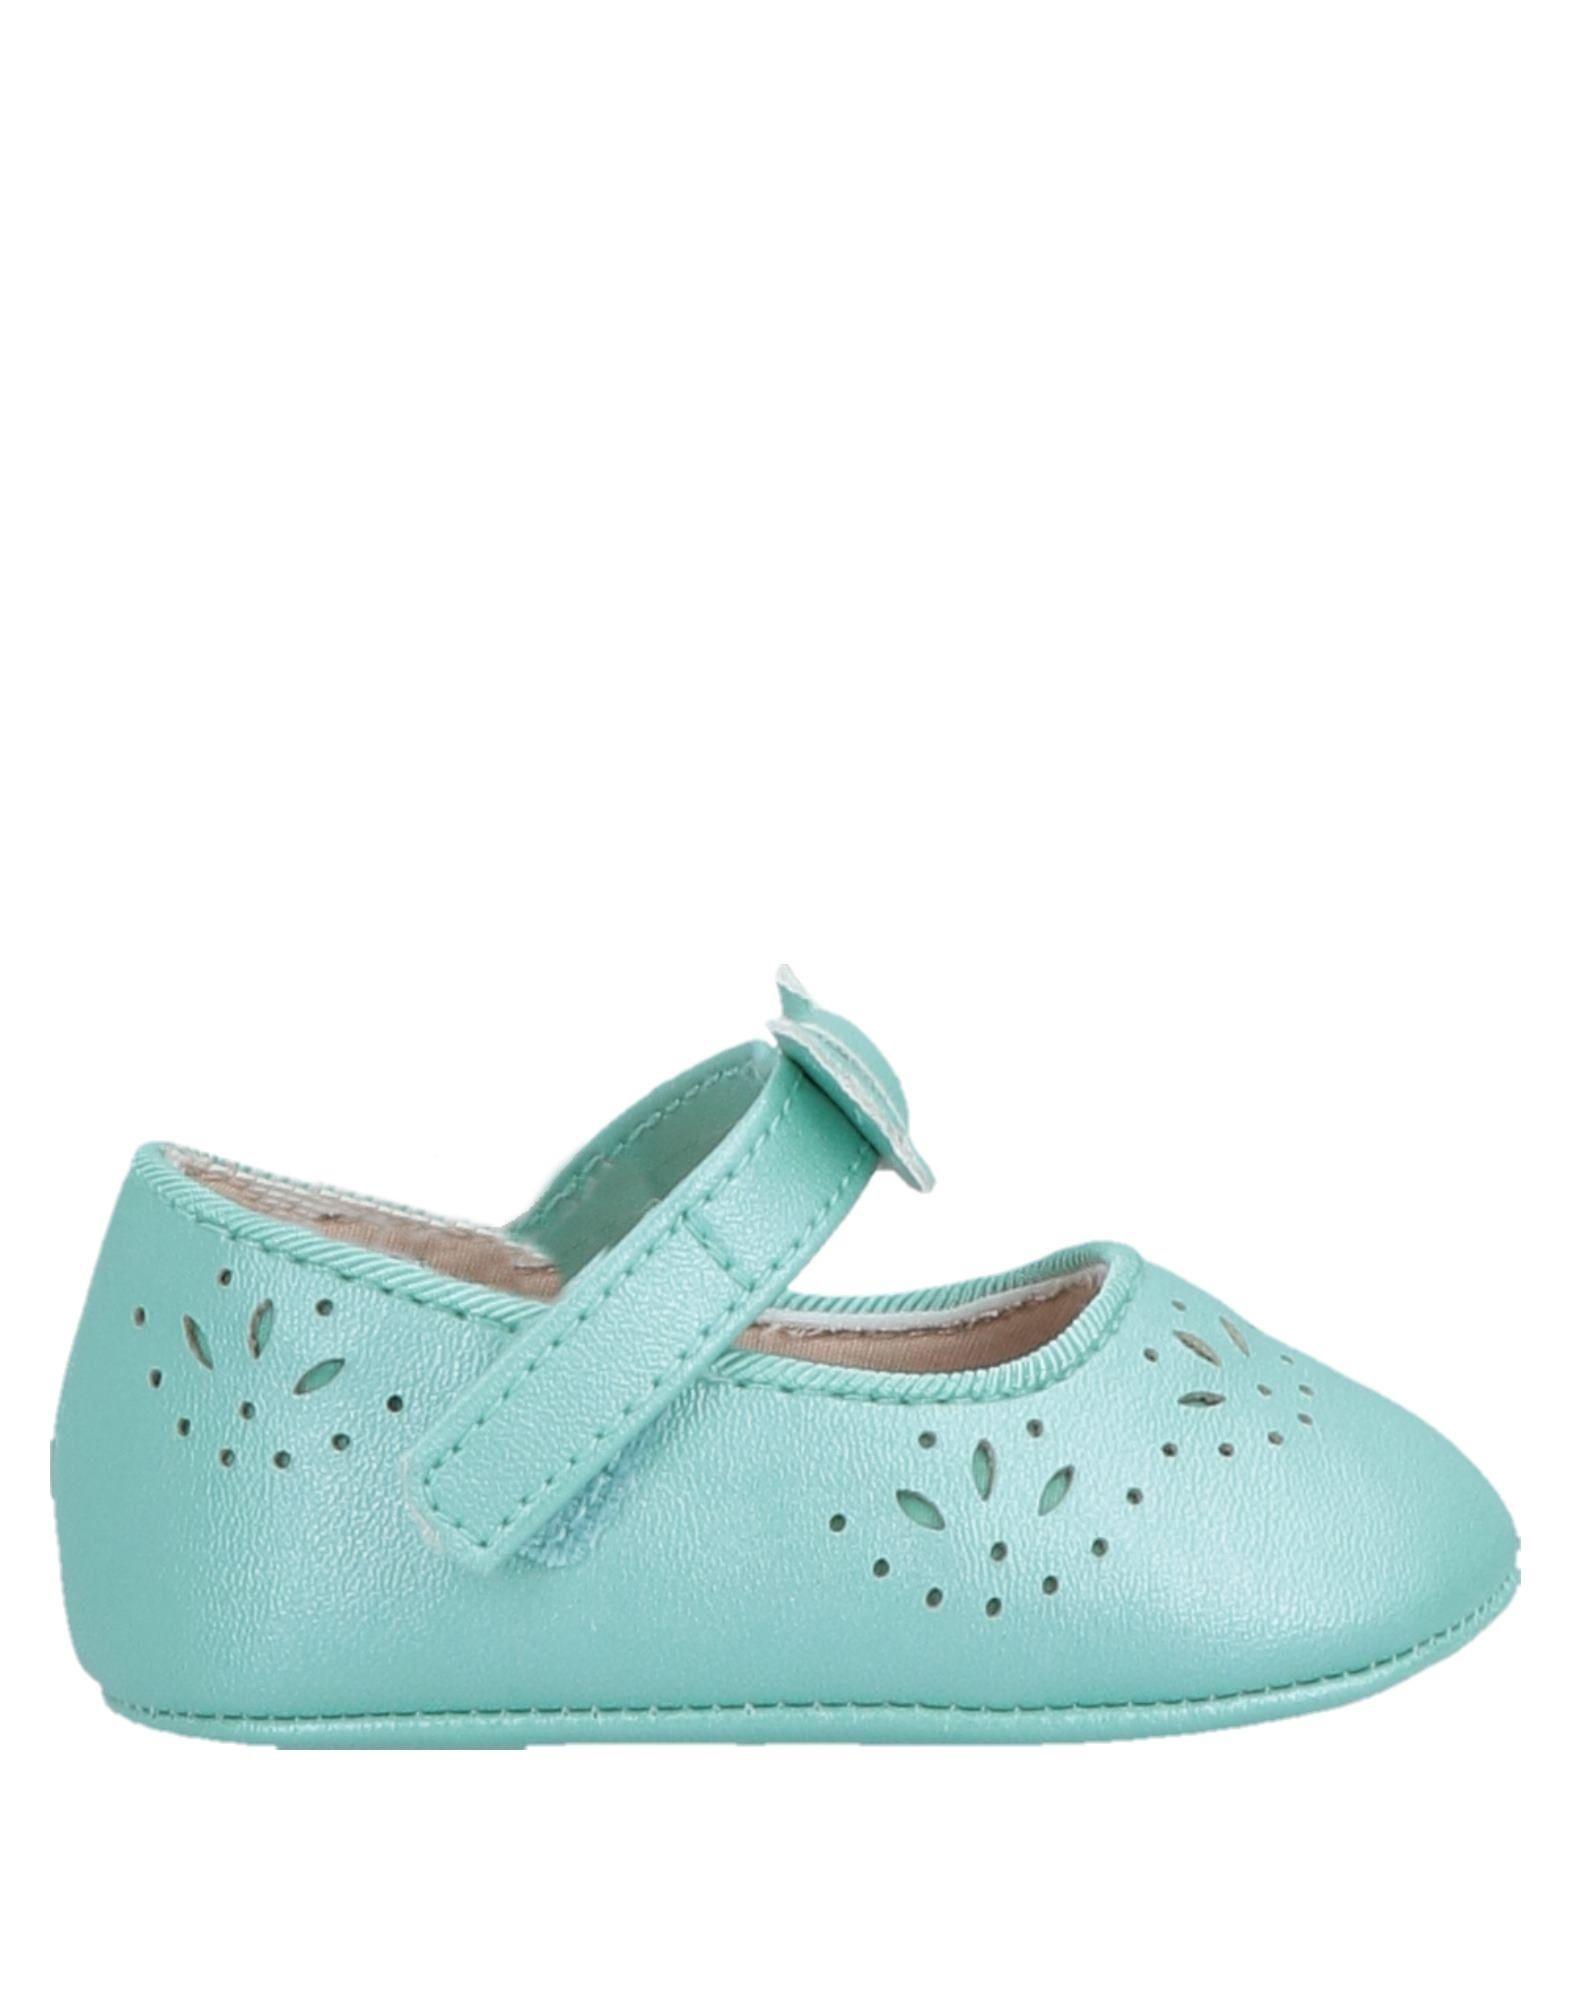 MAYORAL Обувь для новорожденных